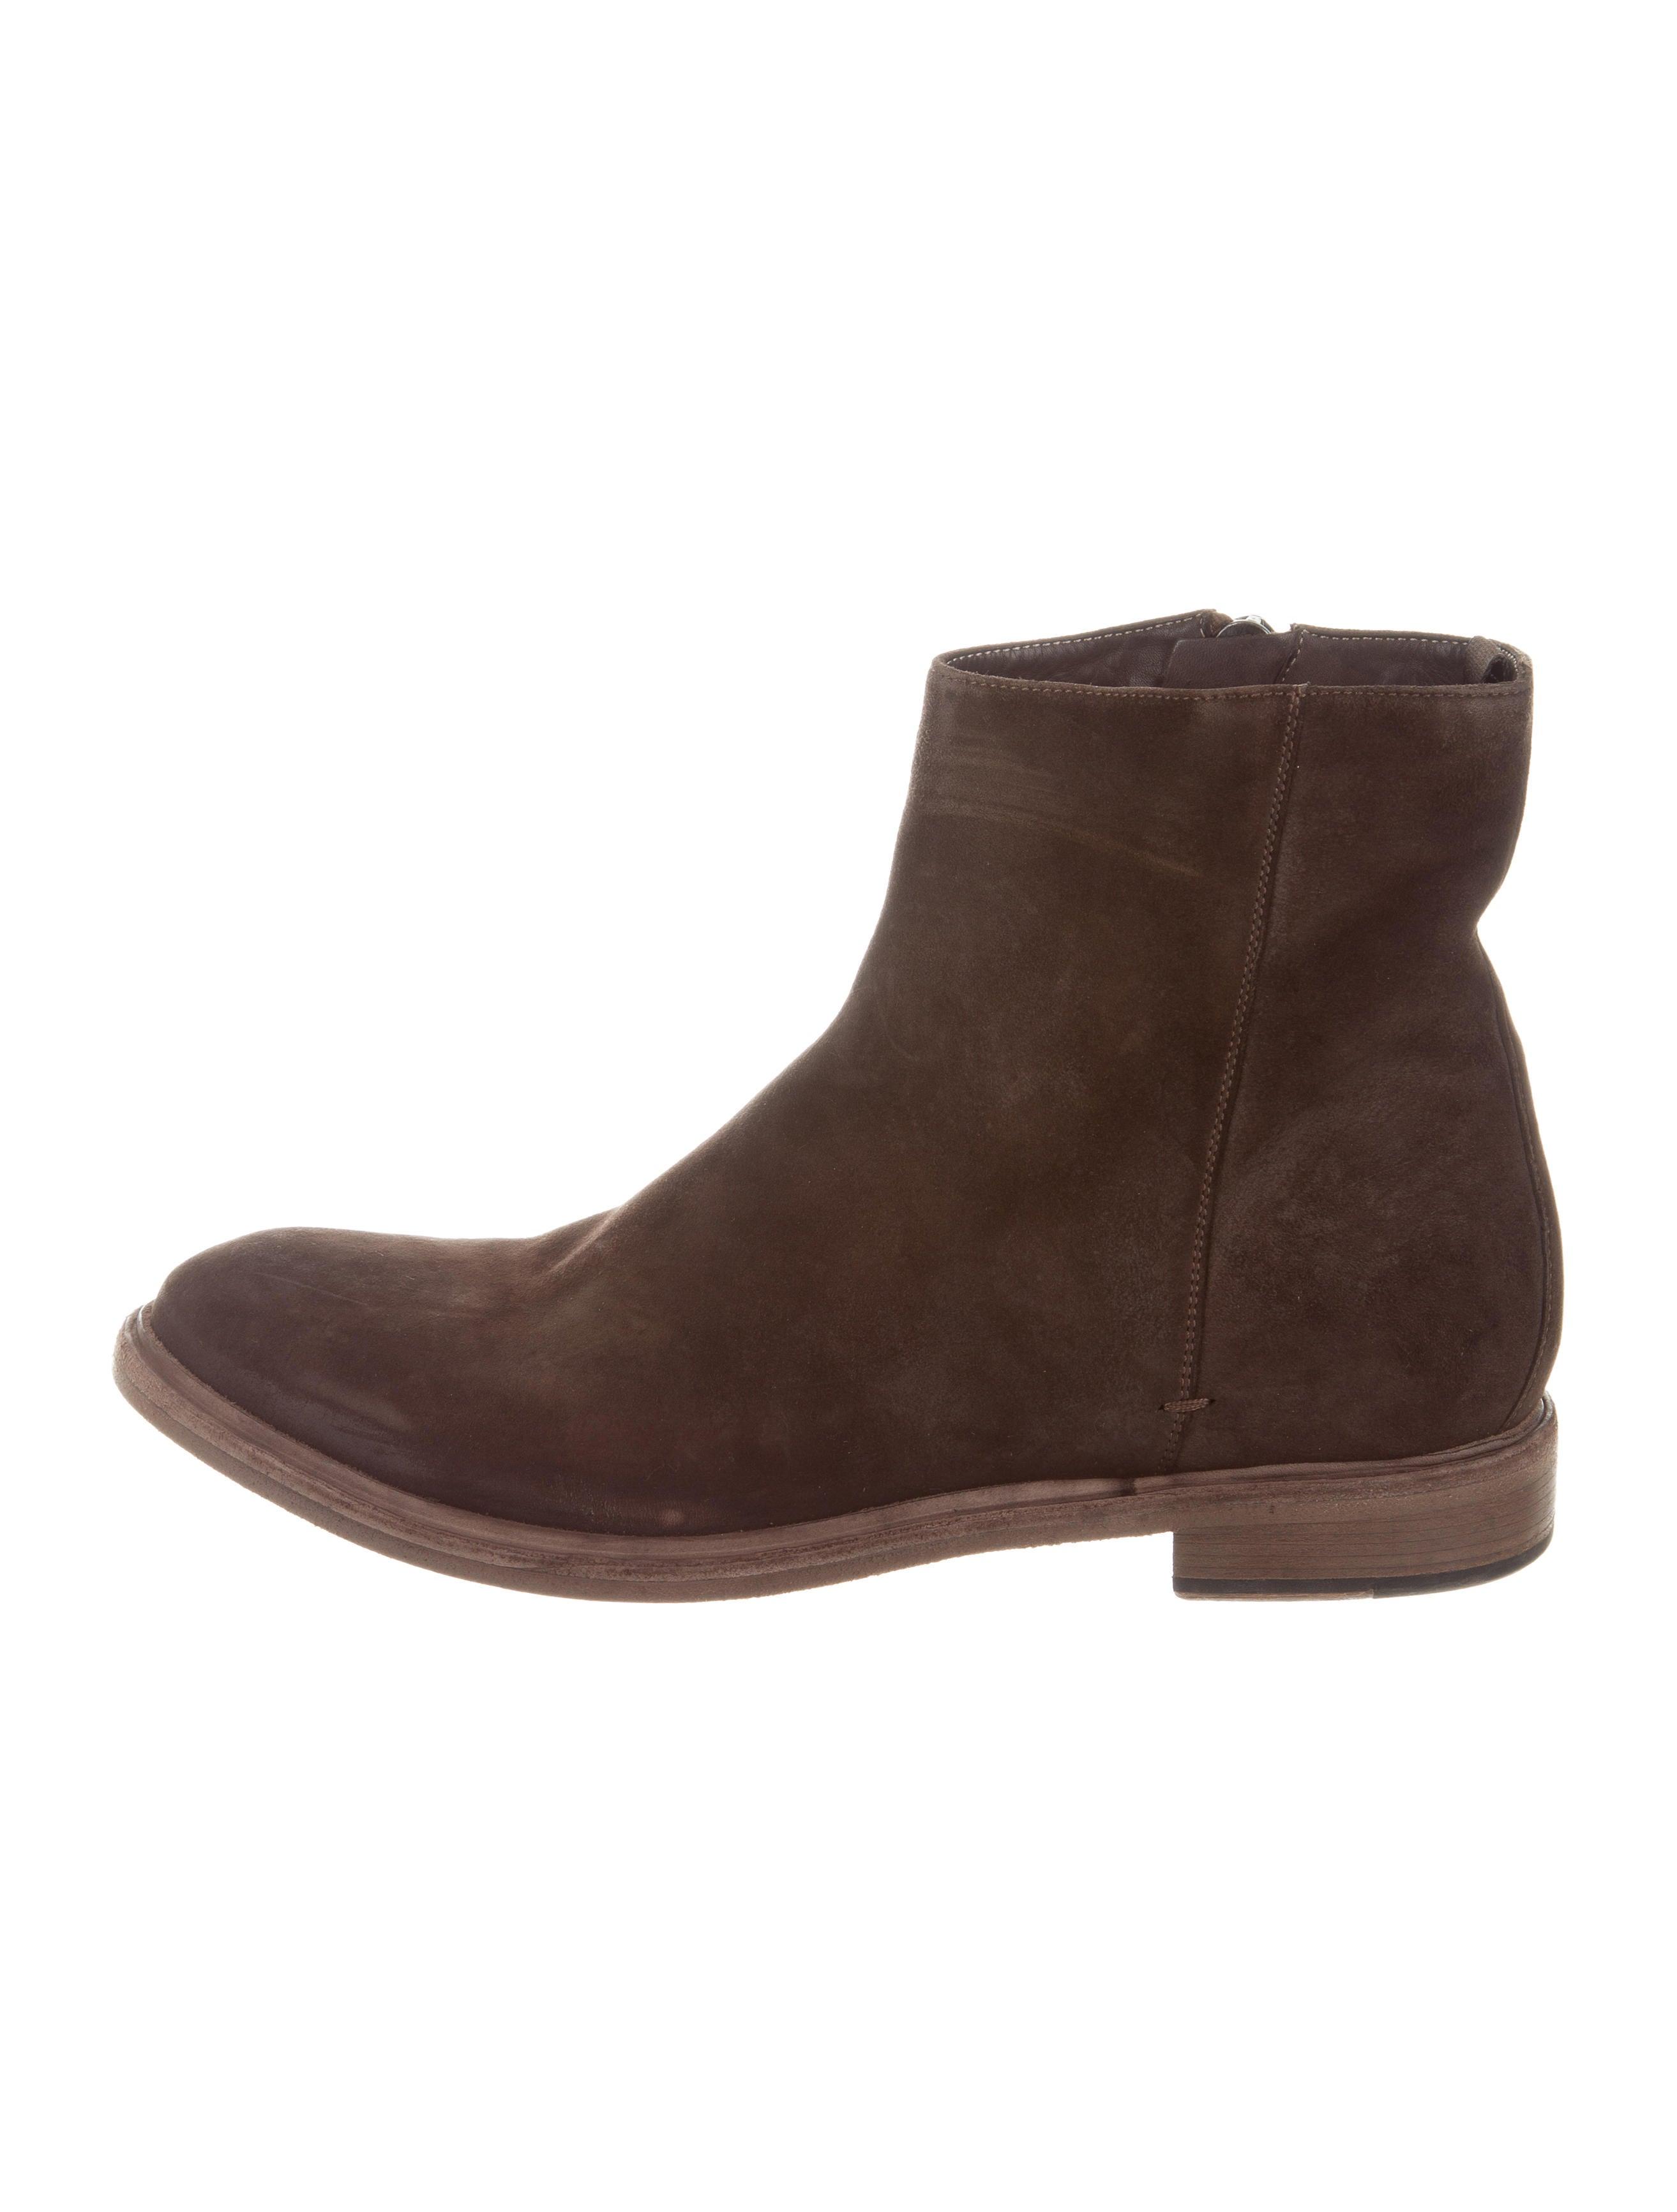 paul smith sullivan d dye suede boots shoes wps24317